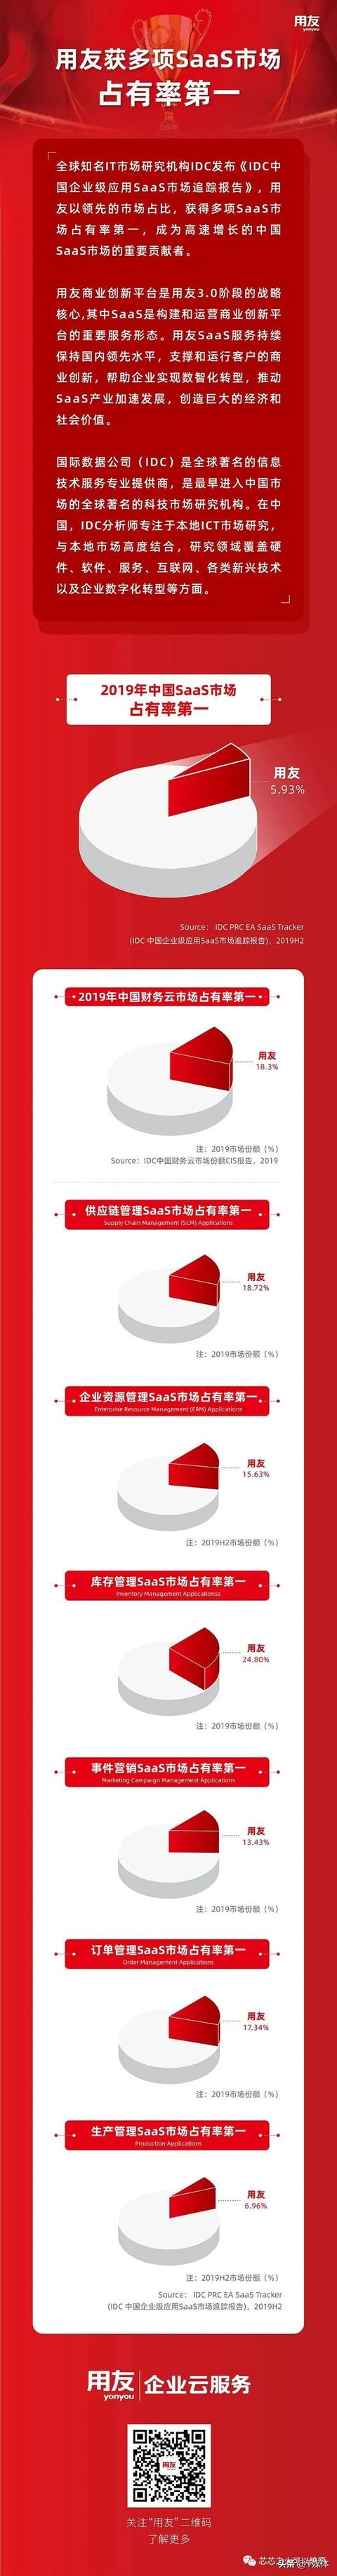 恭喜用友和金蝶,在2019年中国财务云市场占有率并列第一